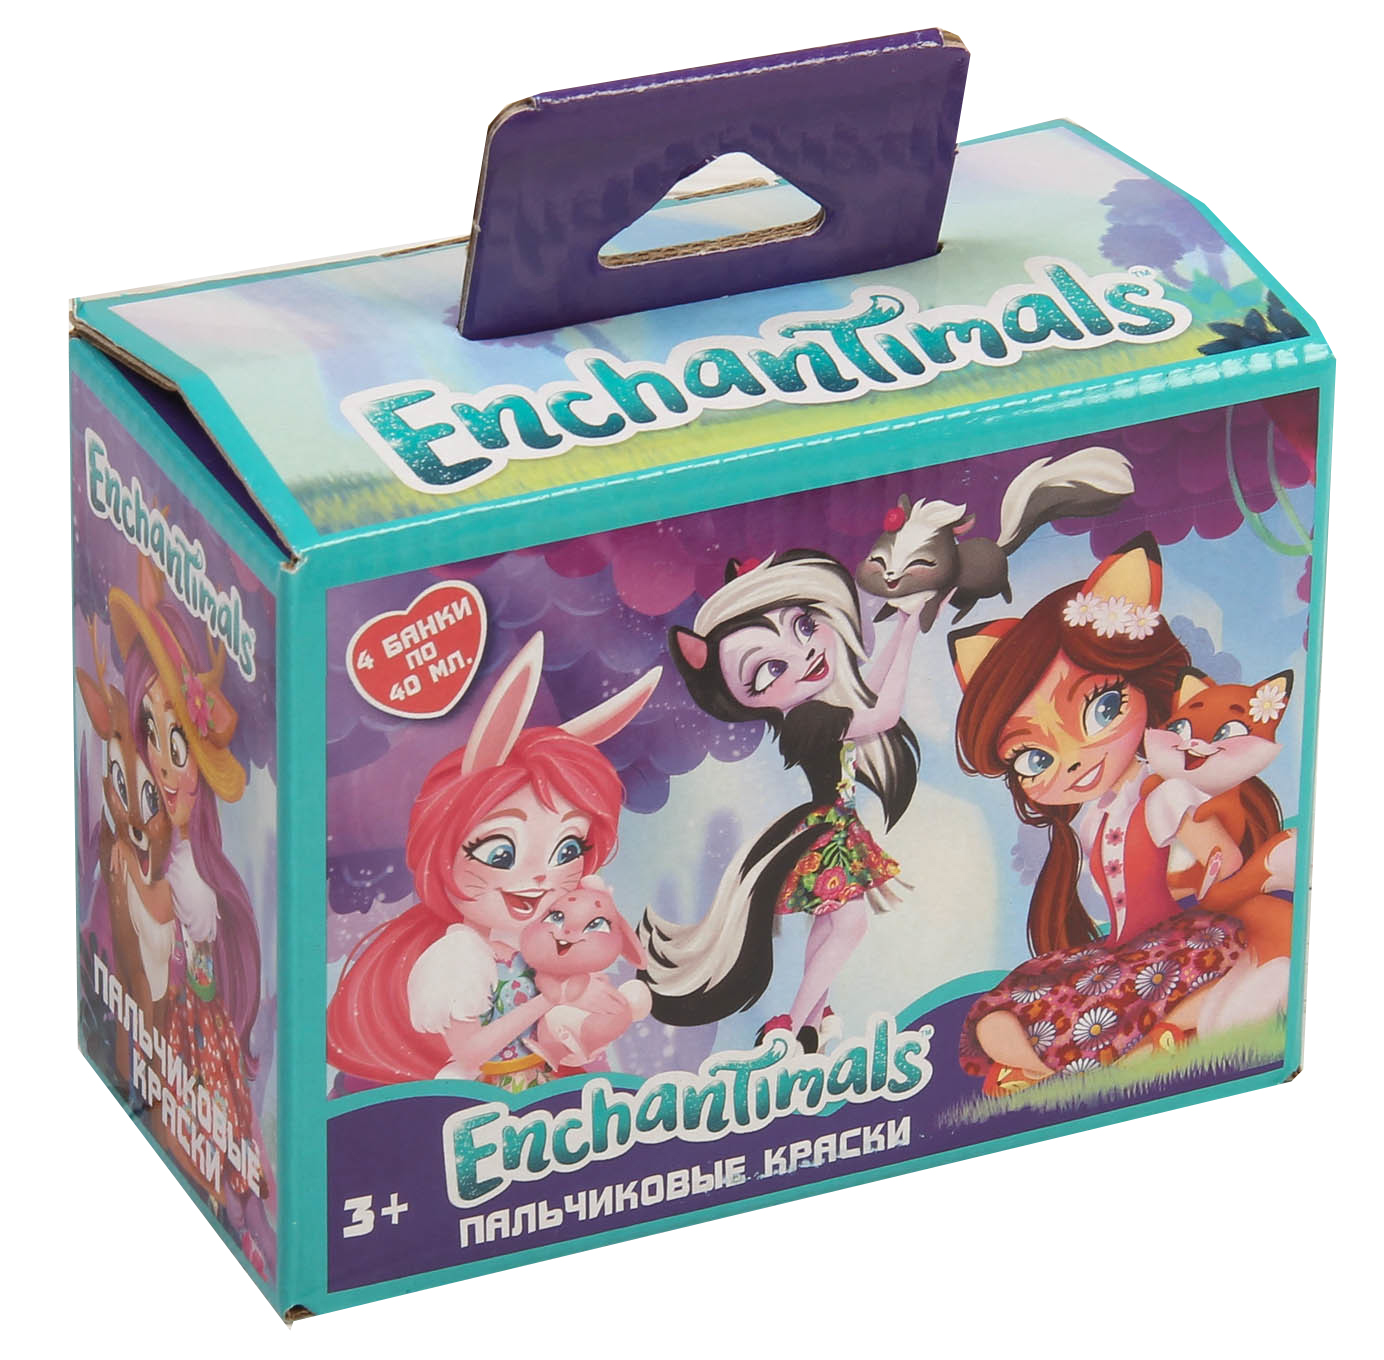 Краски Centrum Краски пальчиковые Enchantimals 4 цв. панно из пластилина enchantimals сделай сам 10 цв